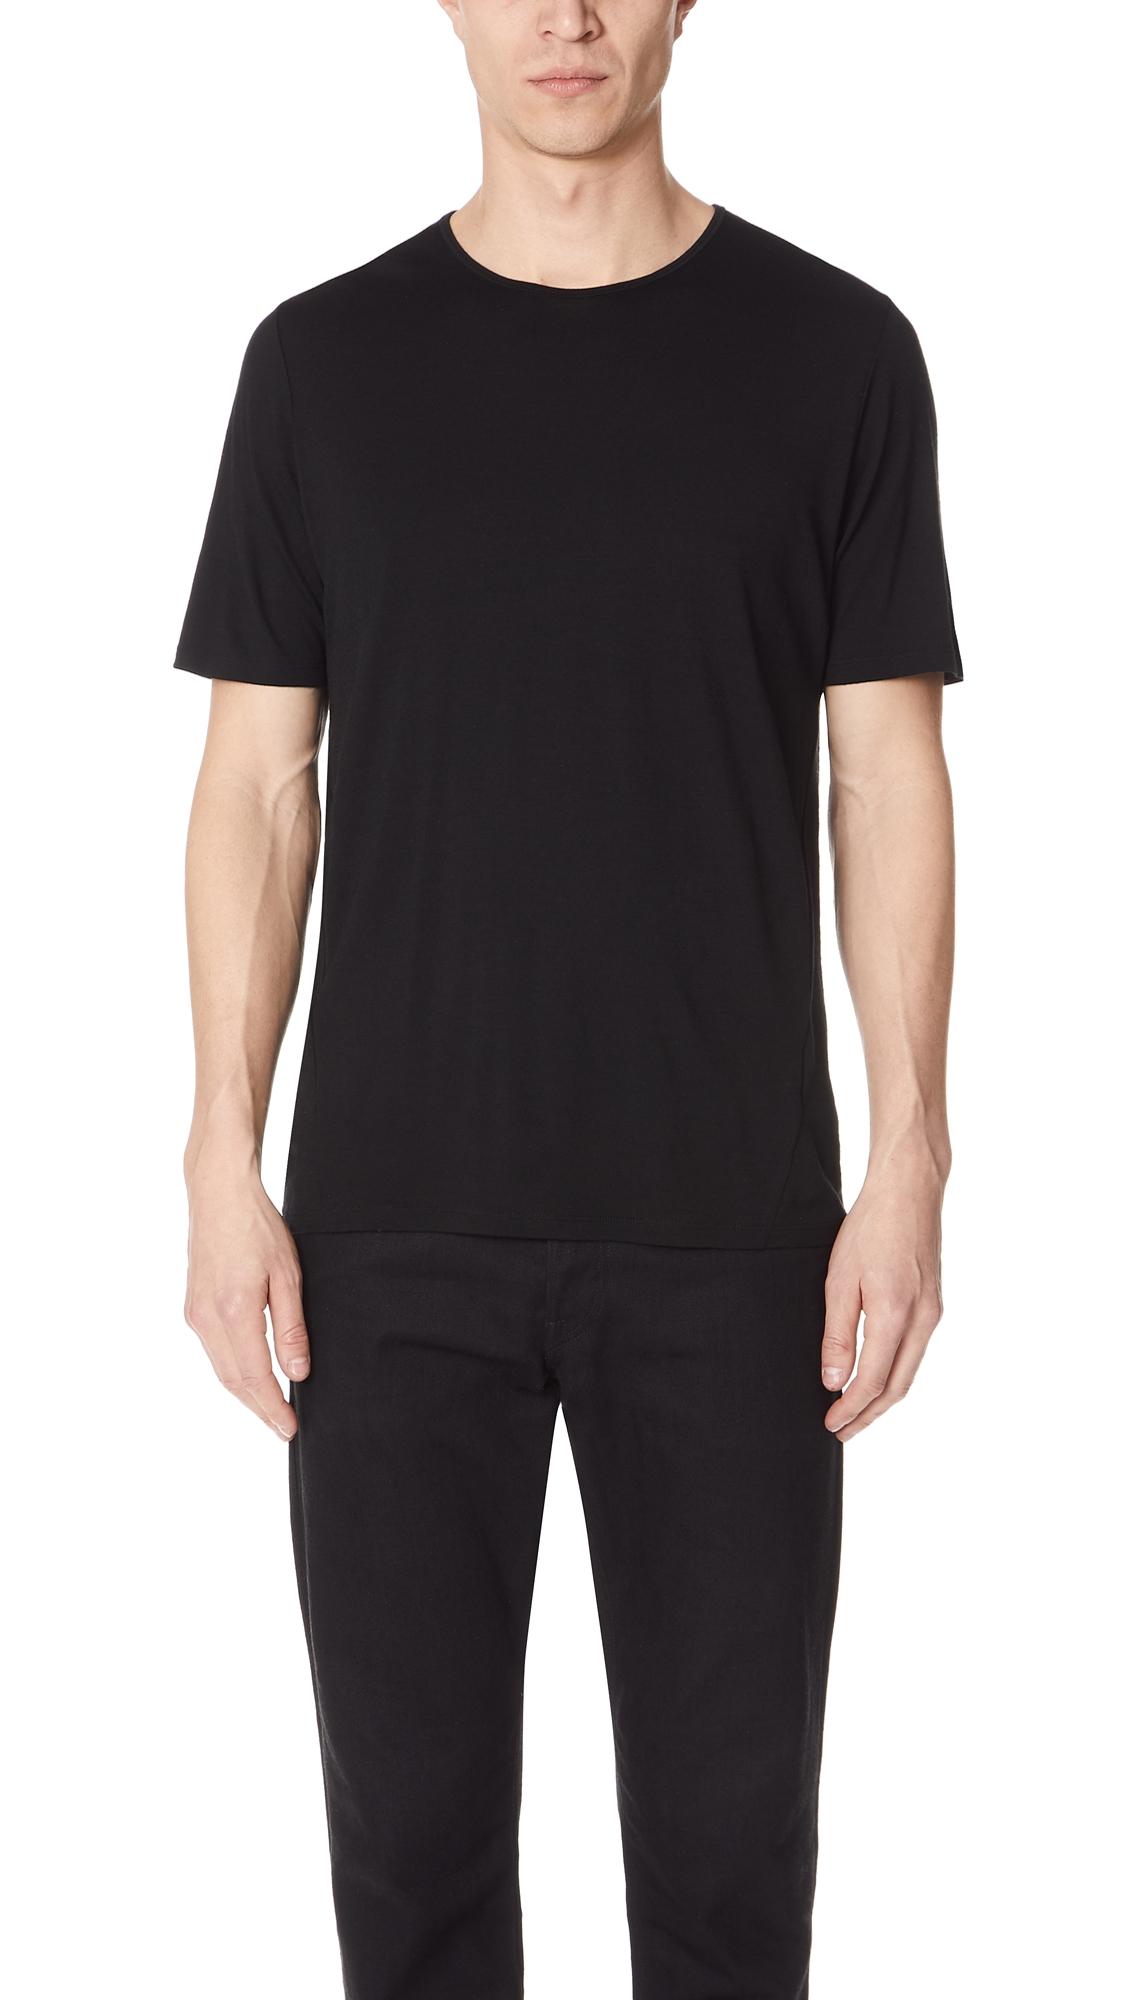 Frame Short Sleeve Shirt